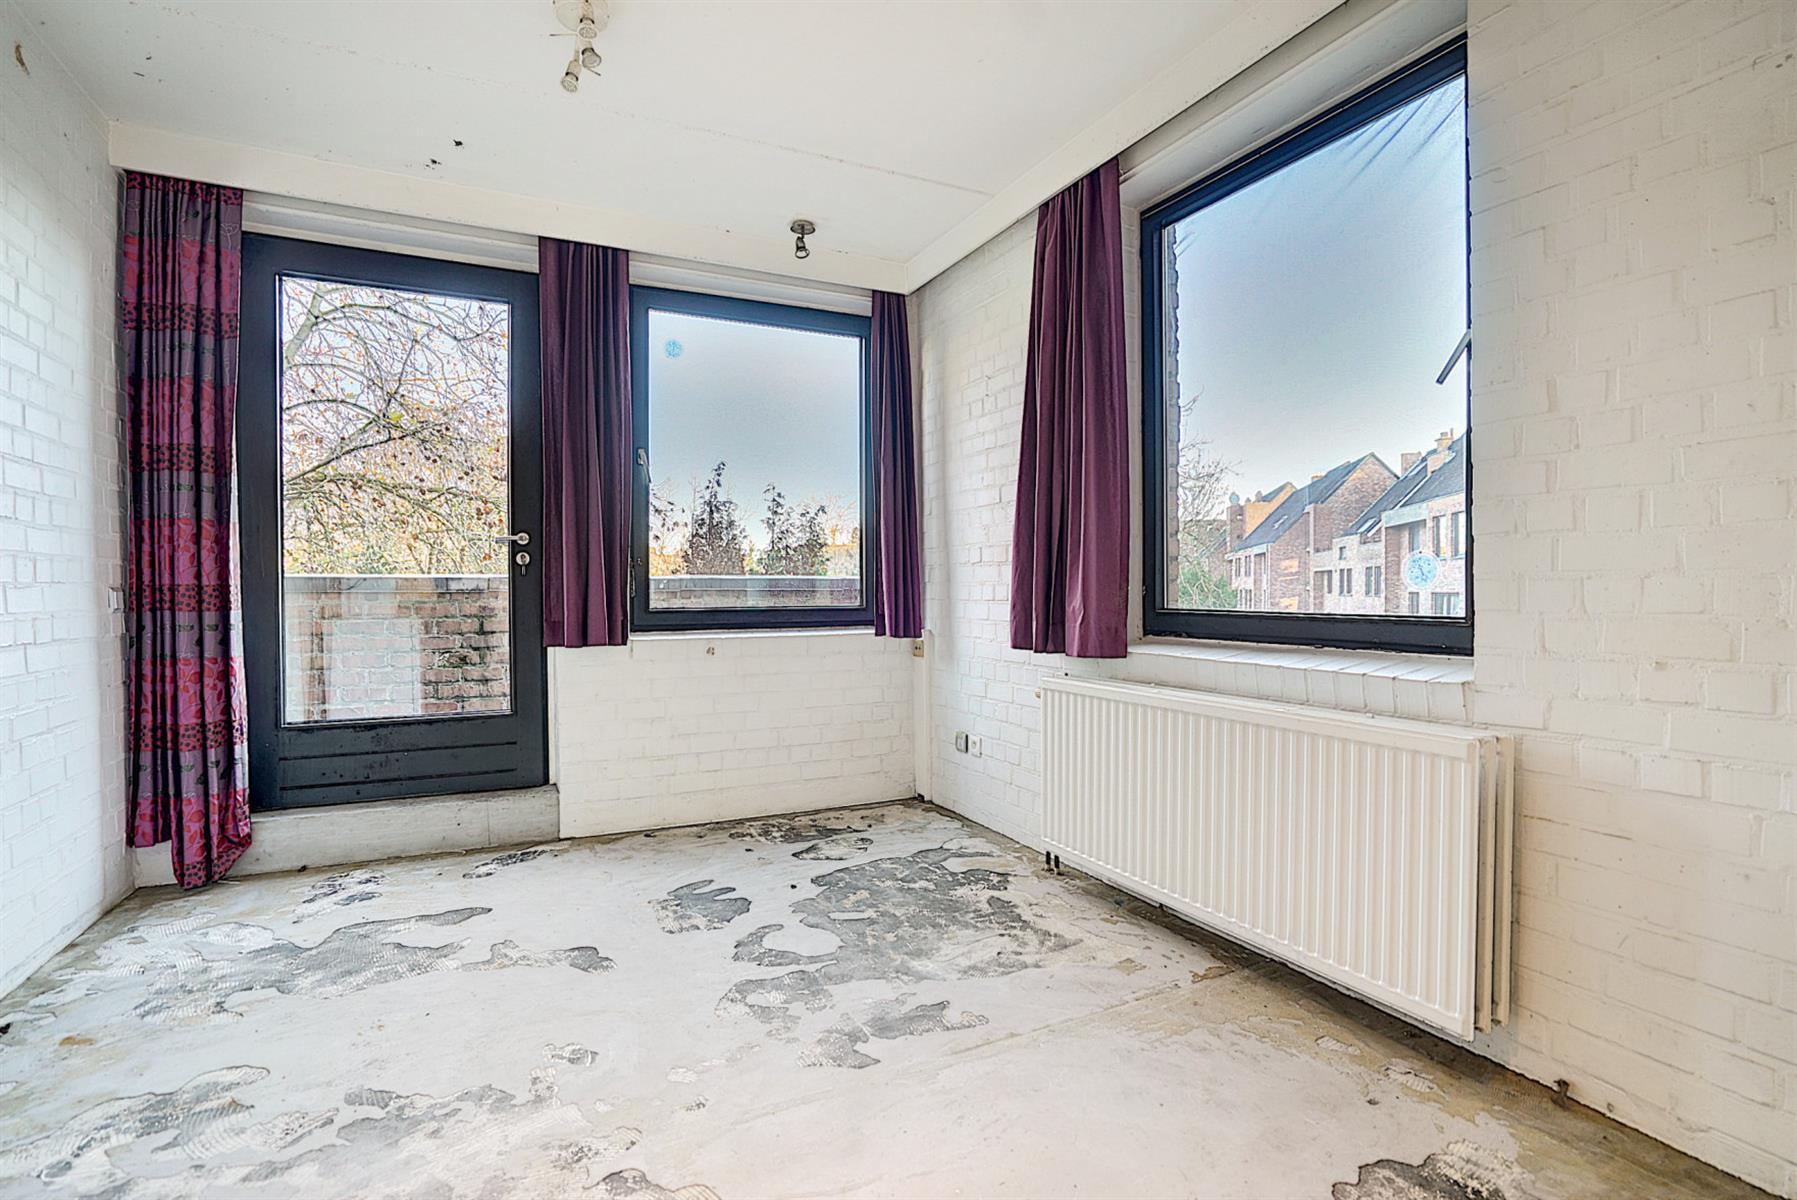 Appartement - Ottignies-Louvain-la-Neuve Louvain-la-Neuve - #4208592-2